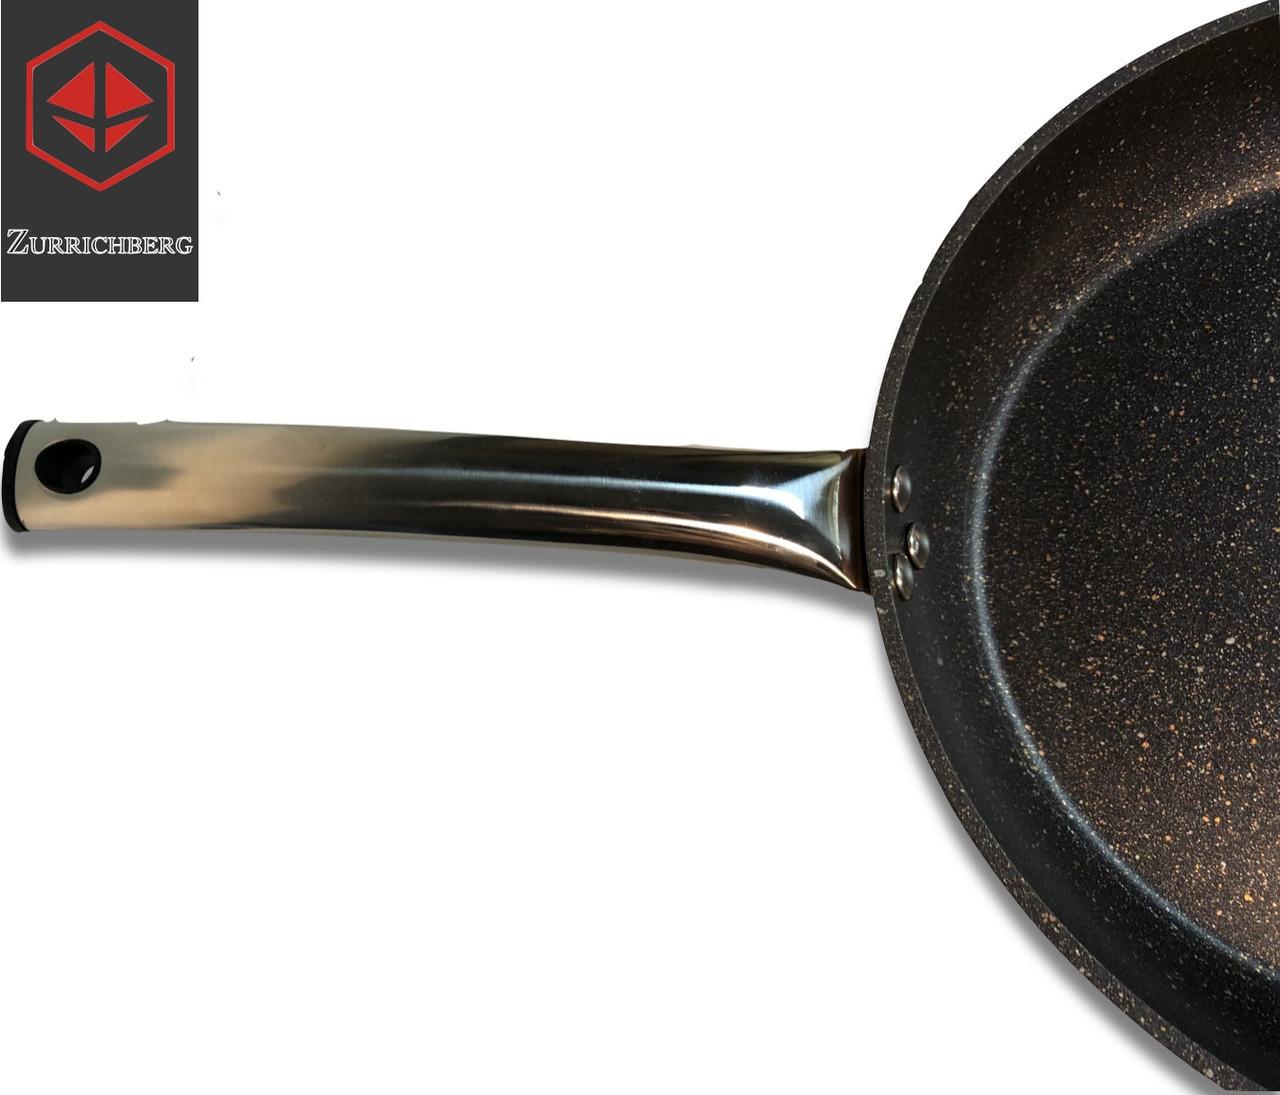 Качественная сковорода 28 см Zurrichberg ZB 4003 круглая без крышки мраморная